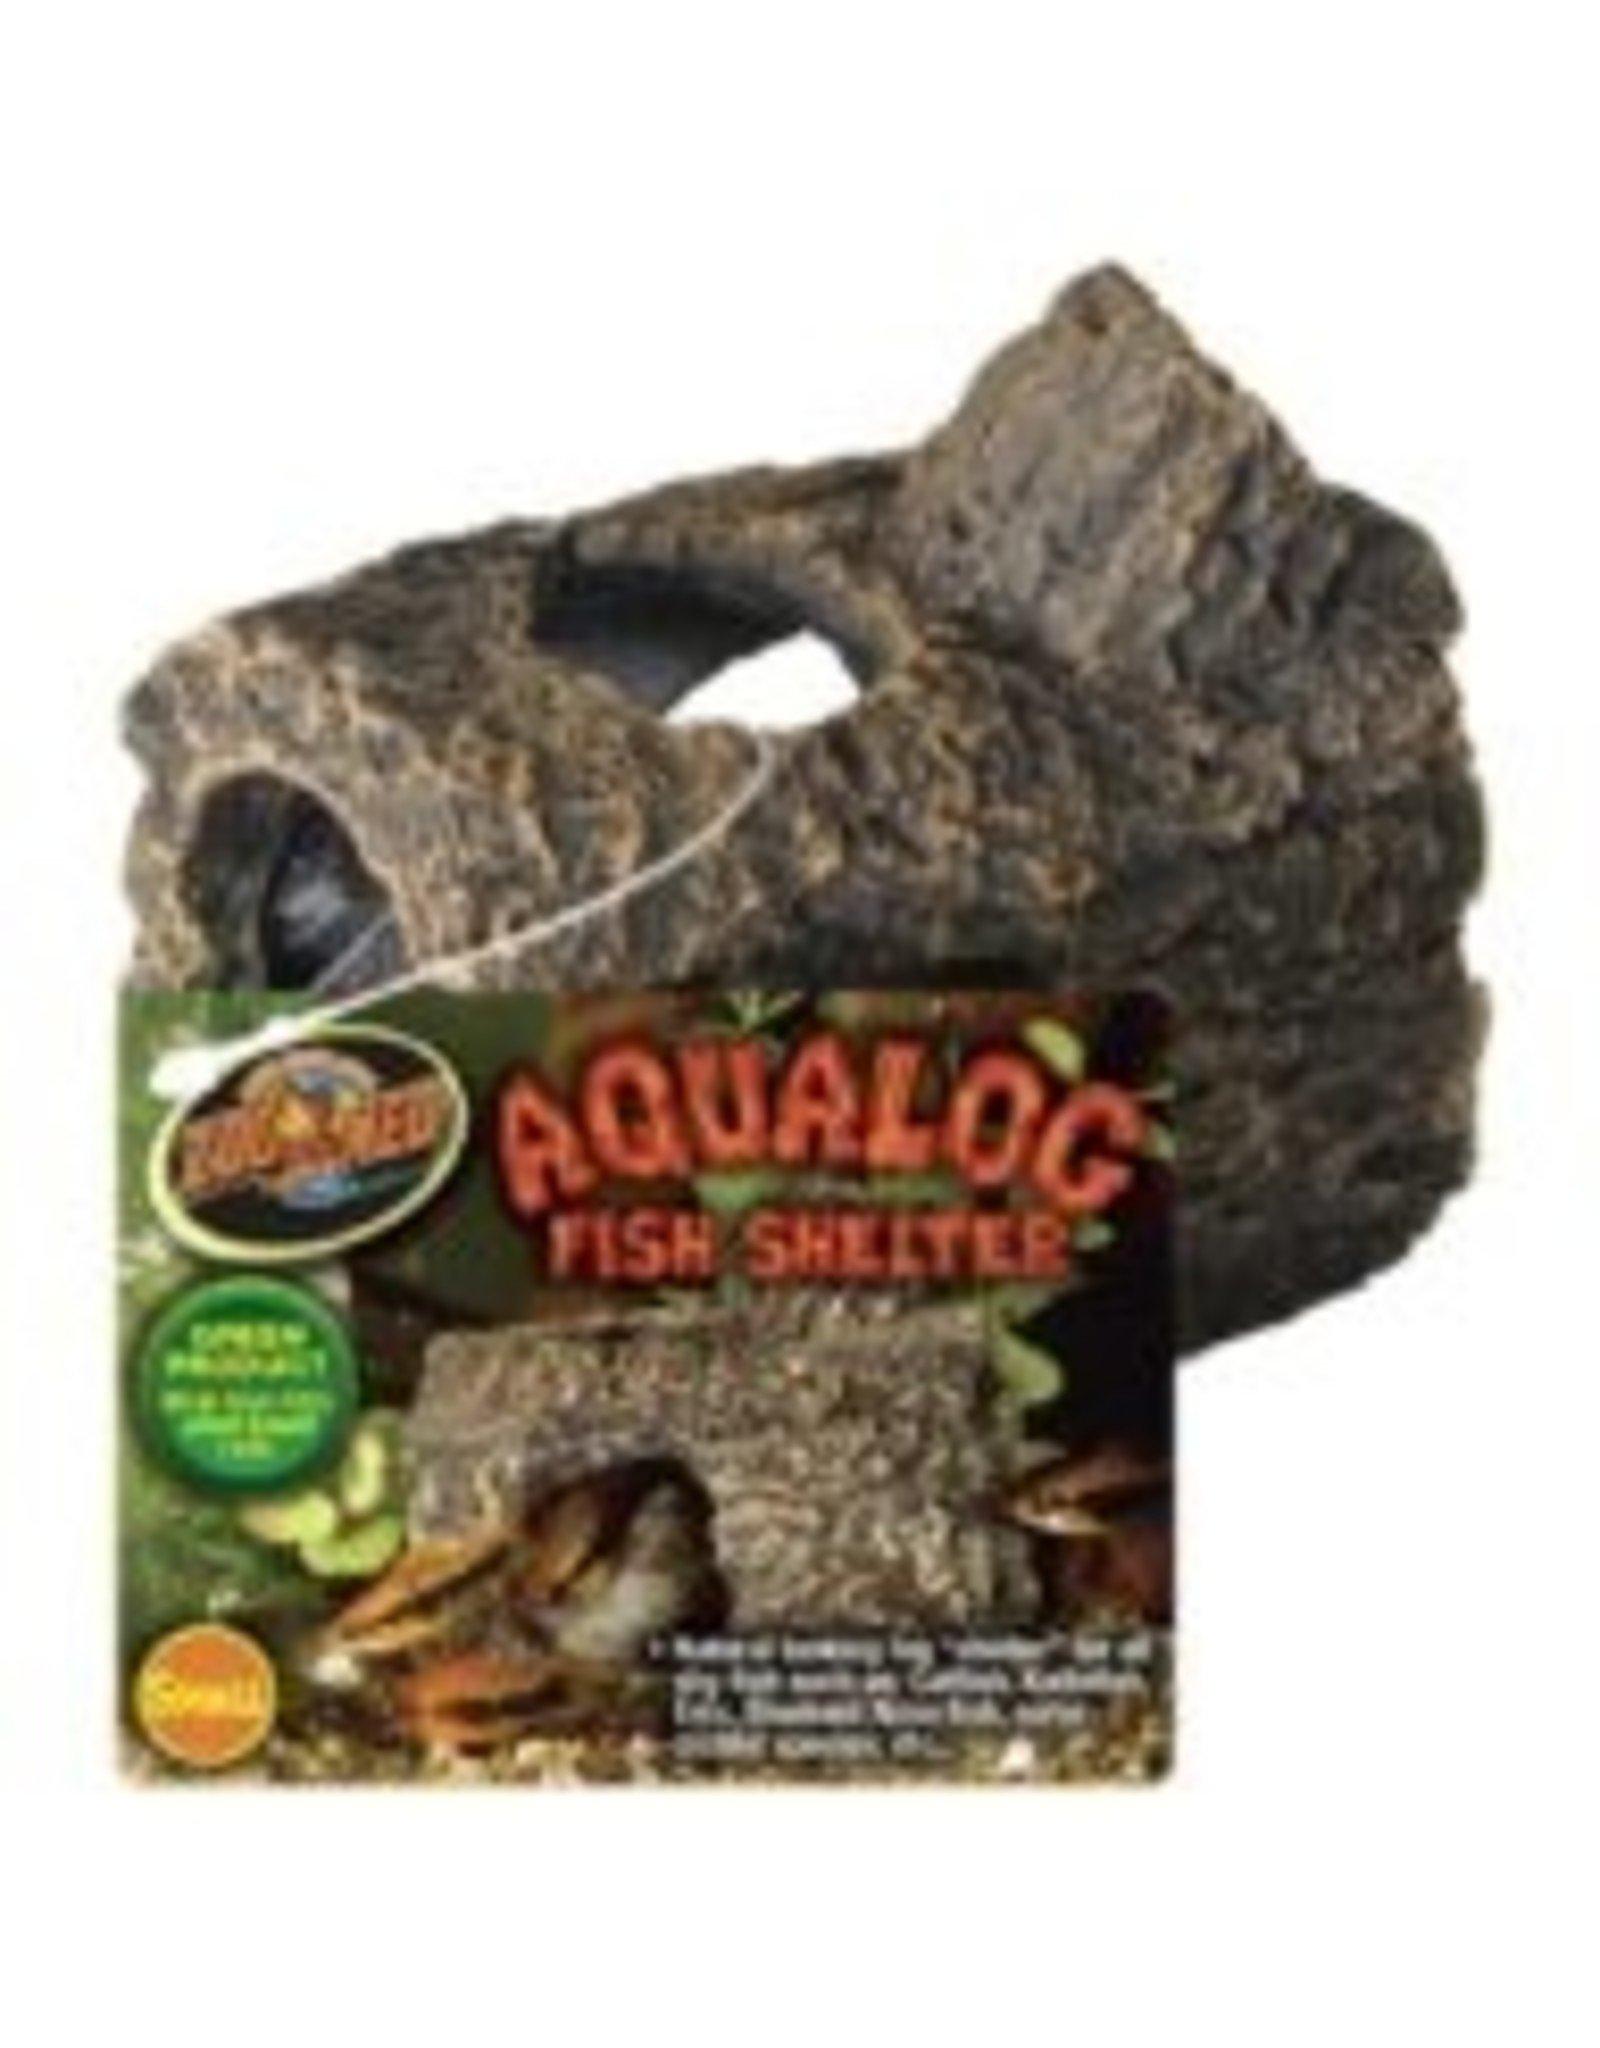 Zoo Med ZOO MED Aqualog Sinking Fish Shelter